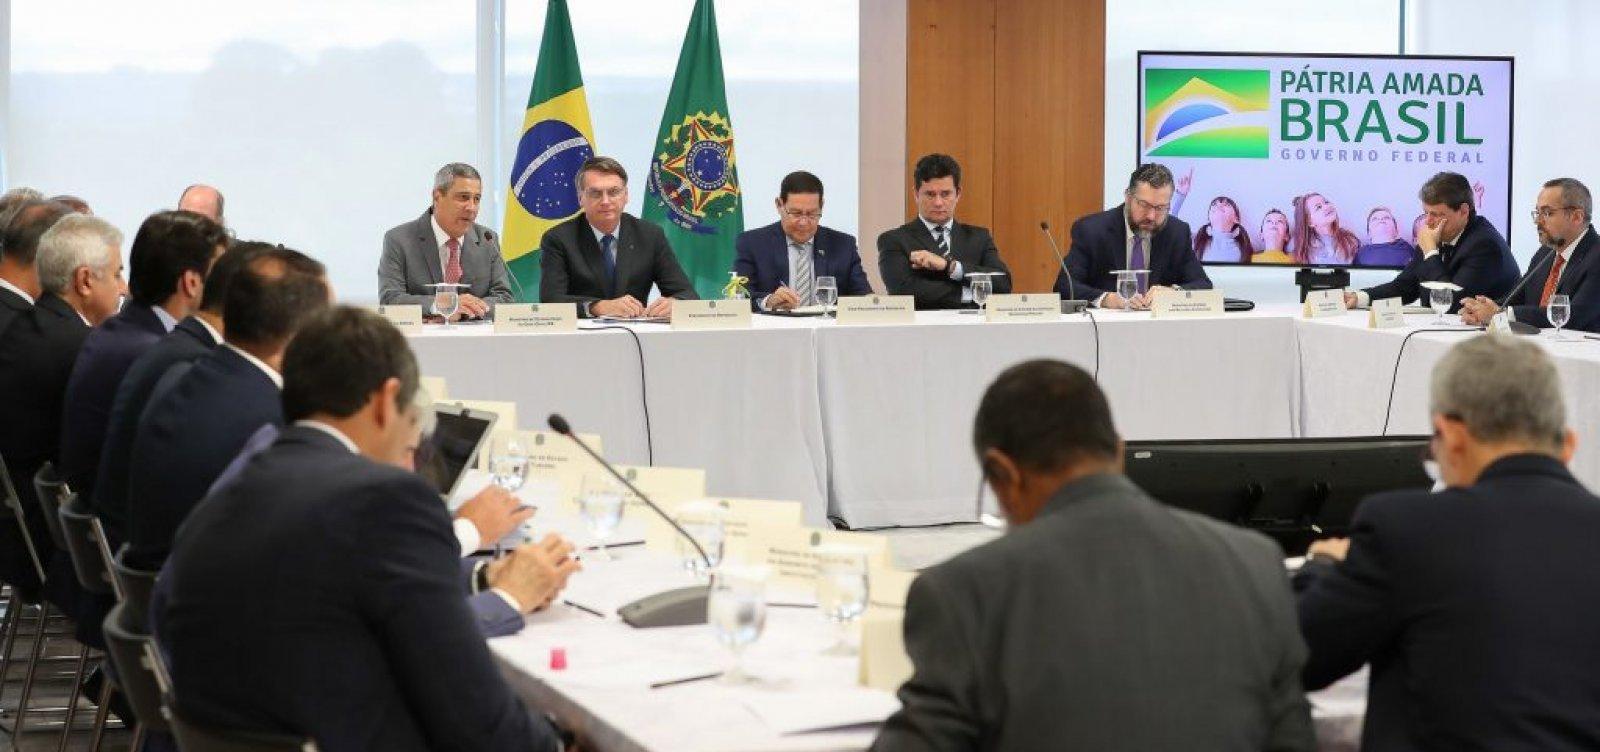 Vídeo da reunião ministerial do governo Bolsonaro é divulgado ...